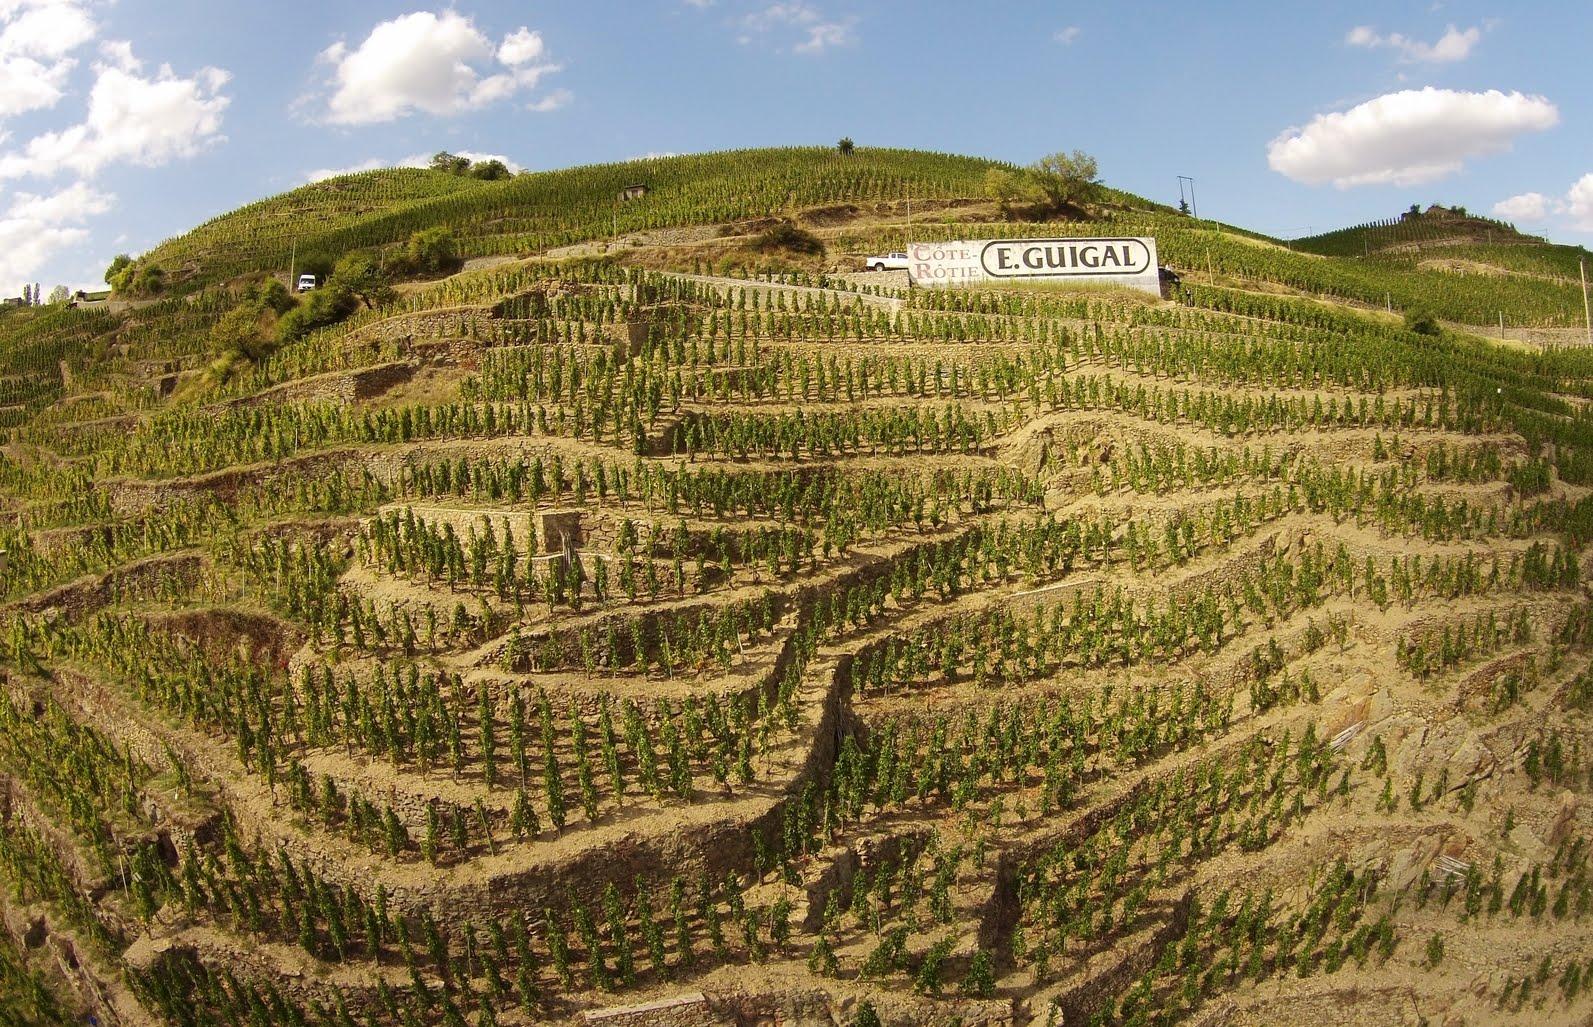 Guigal-Vineyards 2.jpg